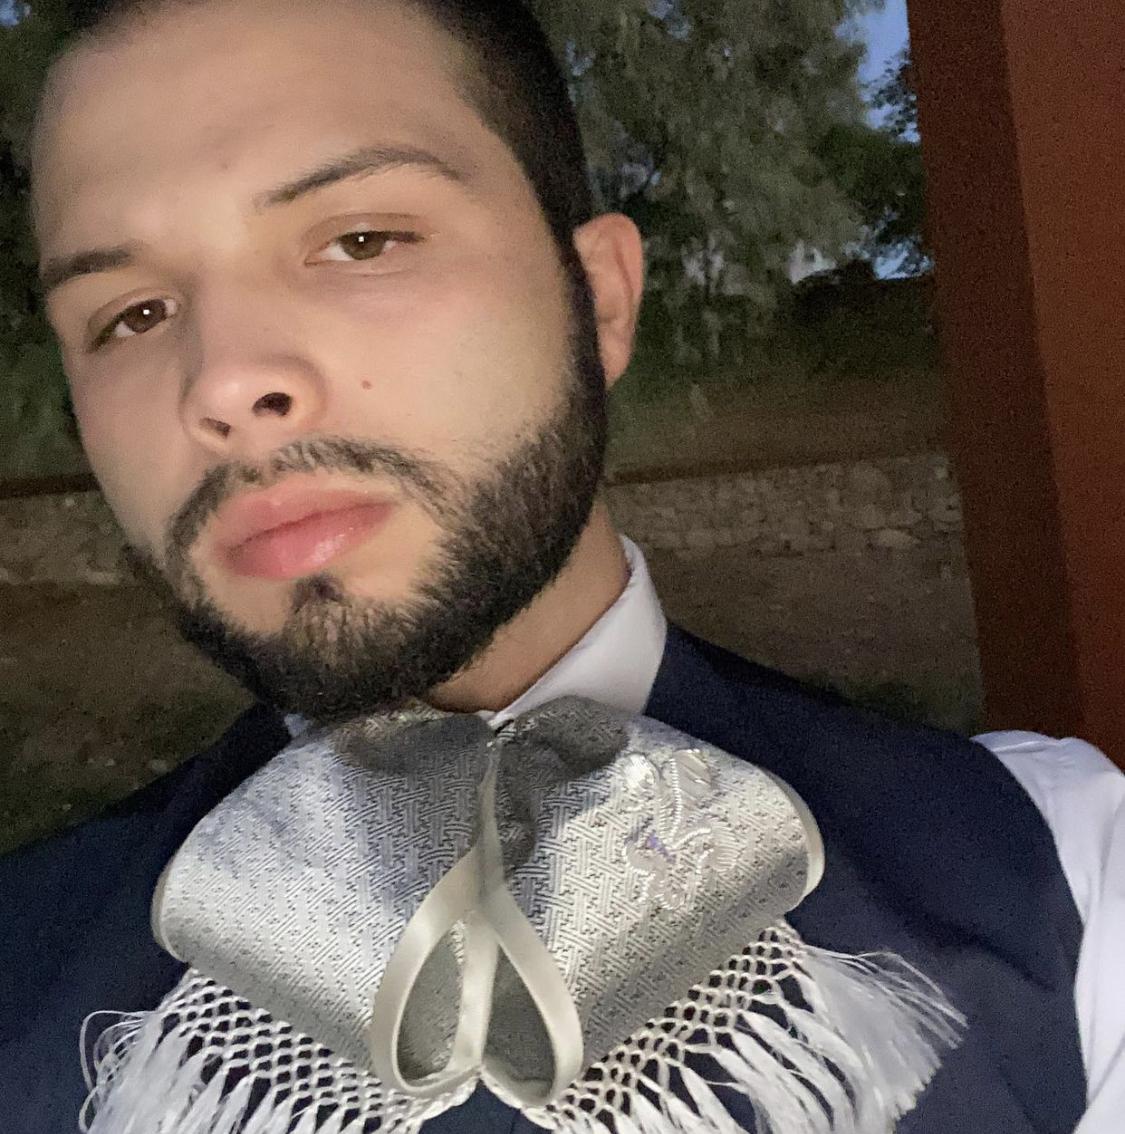 Hijo de Pepe Aguilar revela que no tiene presupuesto para una texana nueva, y luego borra el video